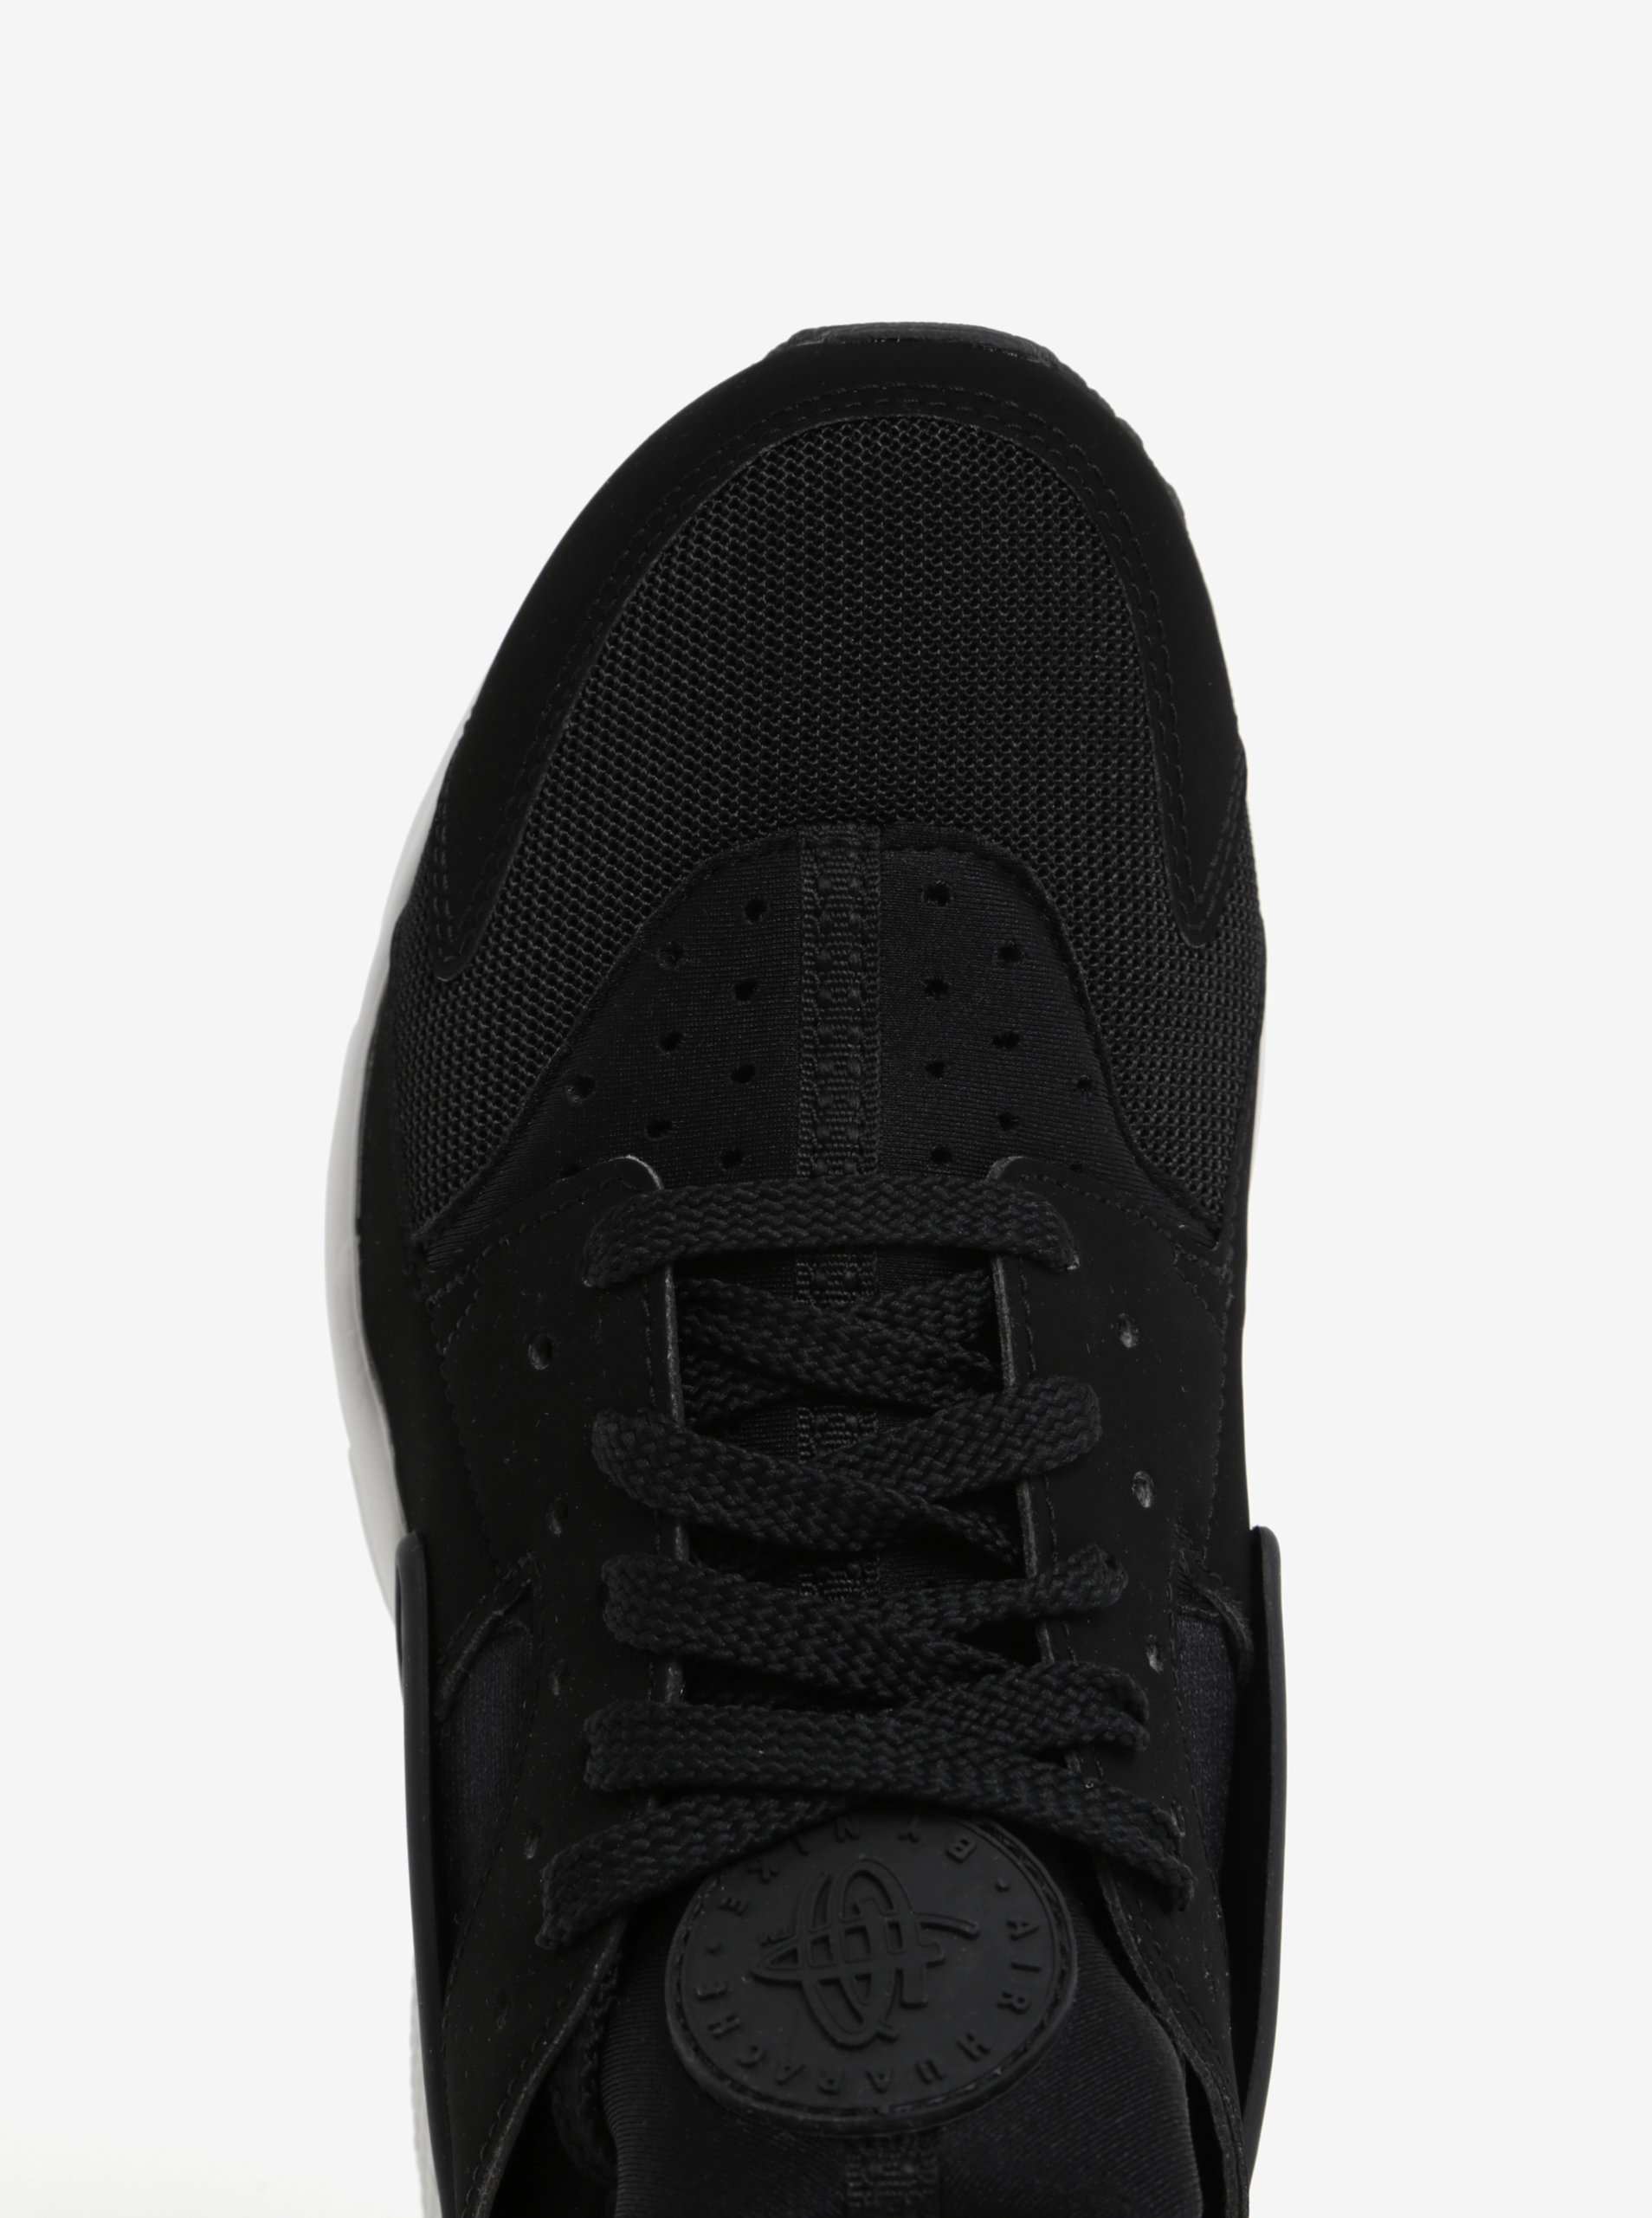 b4667a3c7be1 Čierne pánske tenisky s bielou podrážkou Nike Air Huarache ...